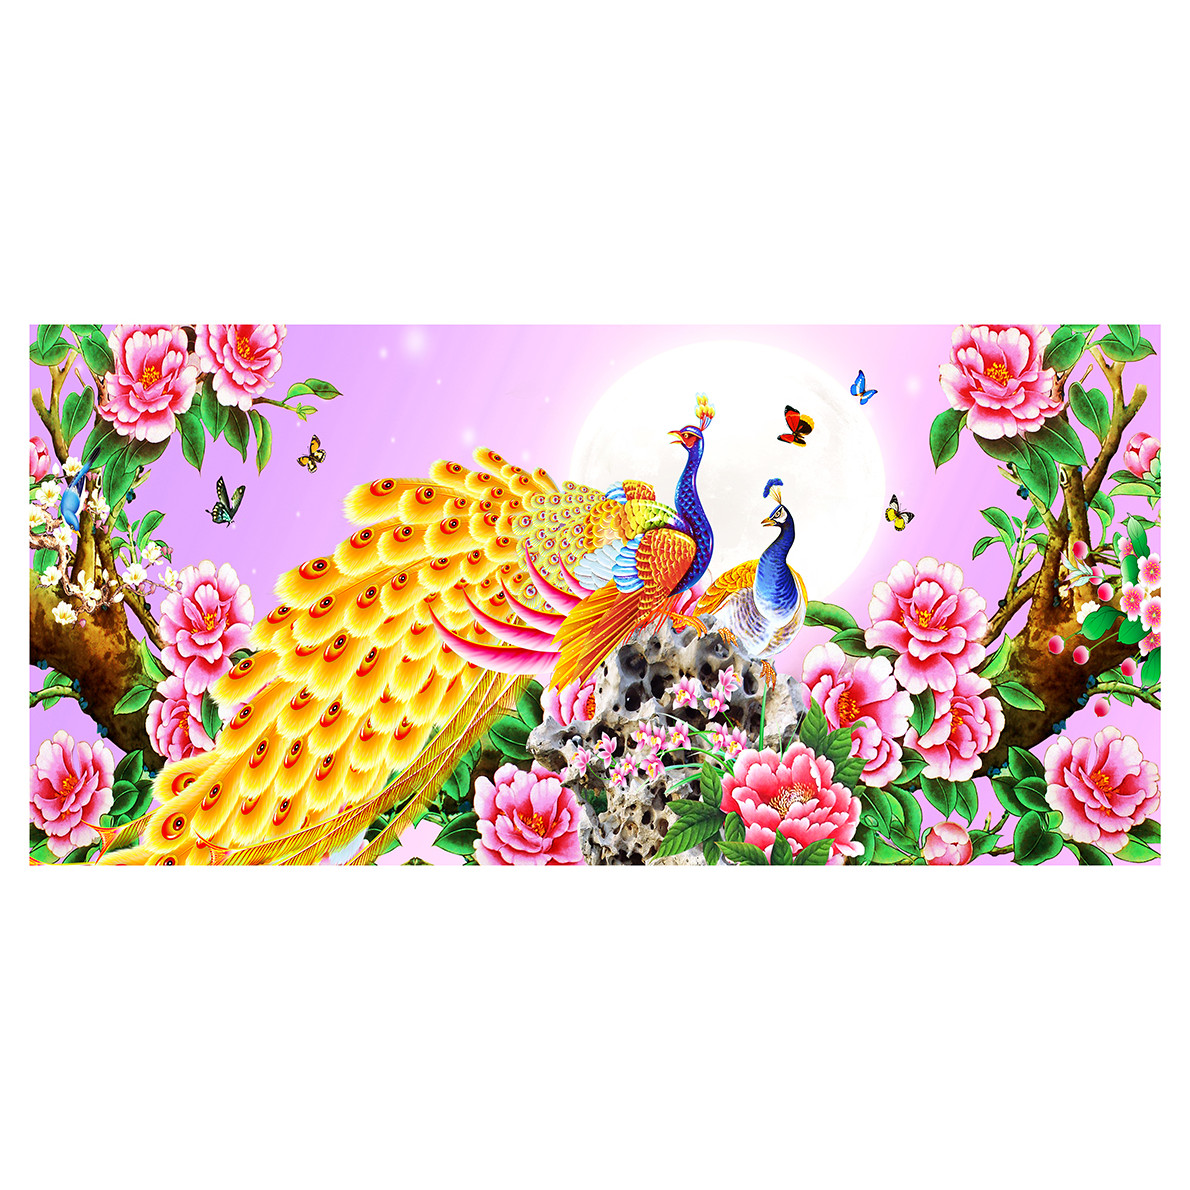 Tranh dán tường Đôi Chim Công bên Hoa Mẫu Đơn KT 115 x 55 cm